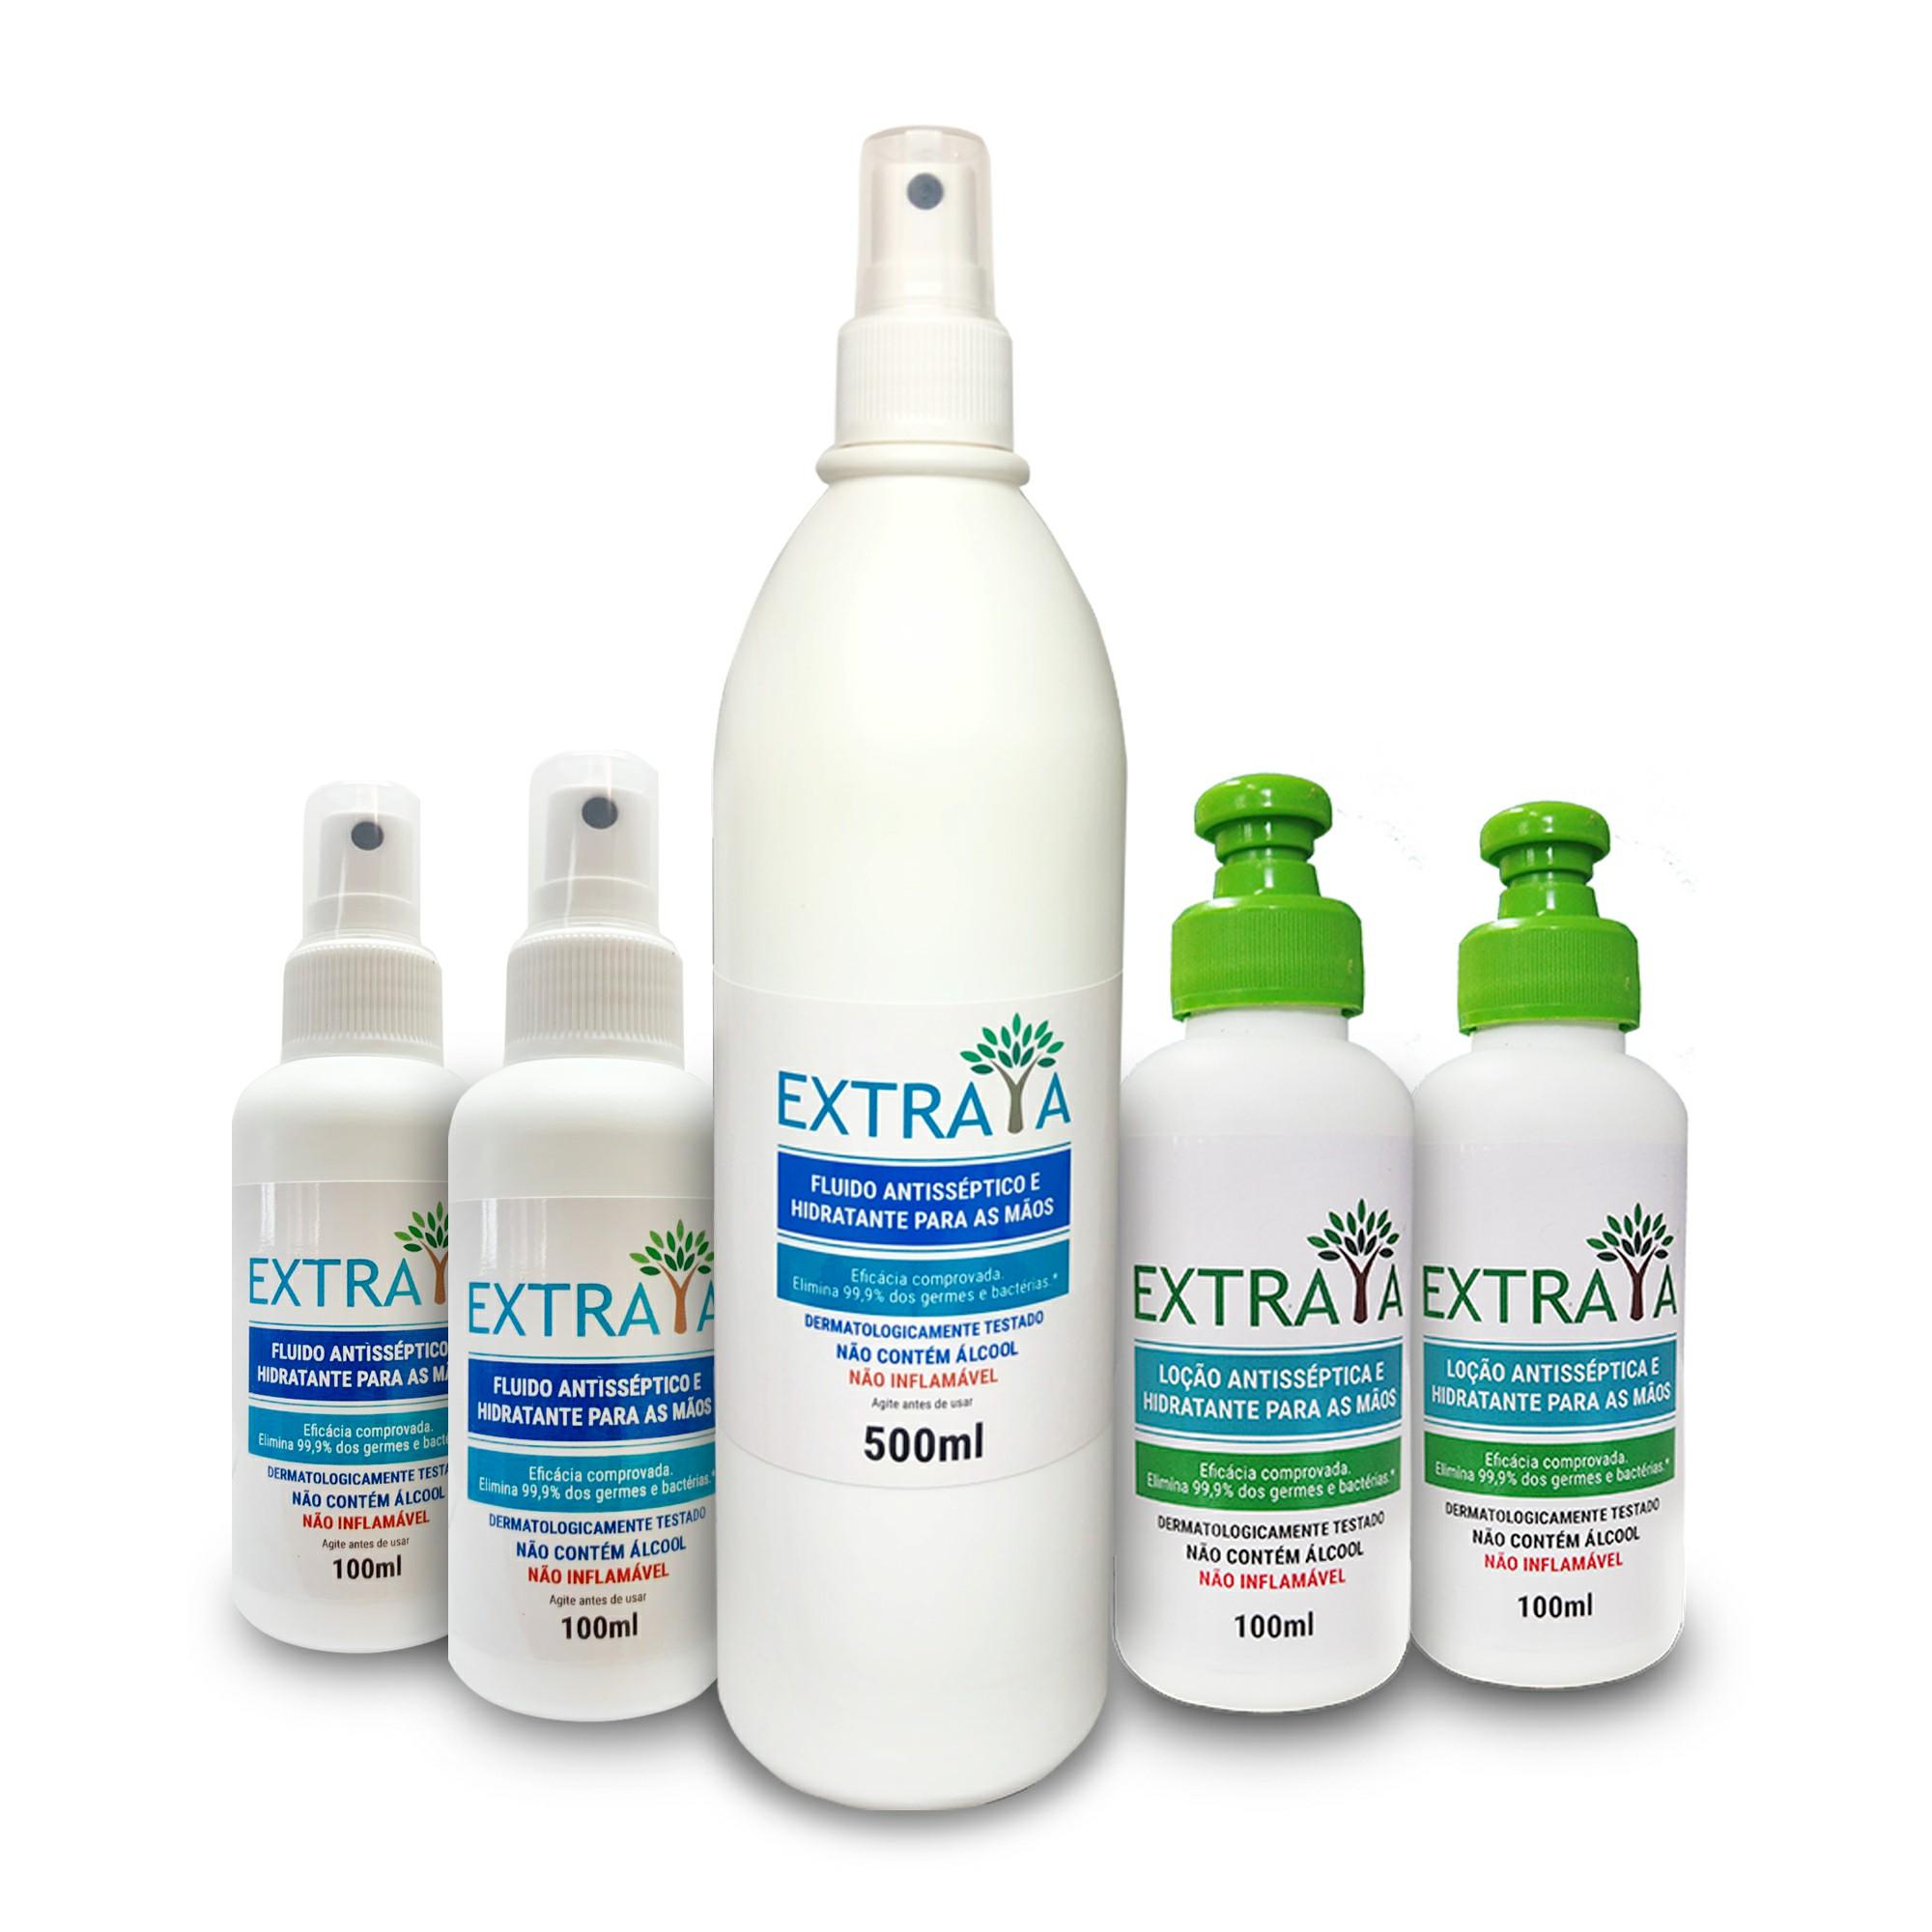 KIT 5 - Spray 500ml, 2 loções 100 ml e 2  sprays 100 ml